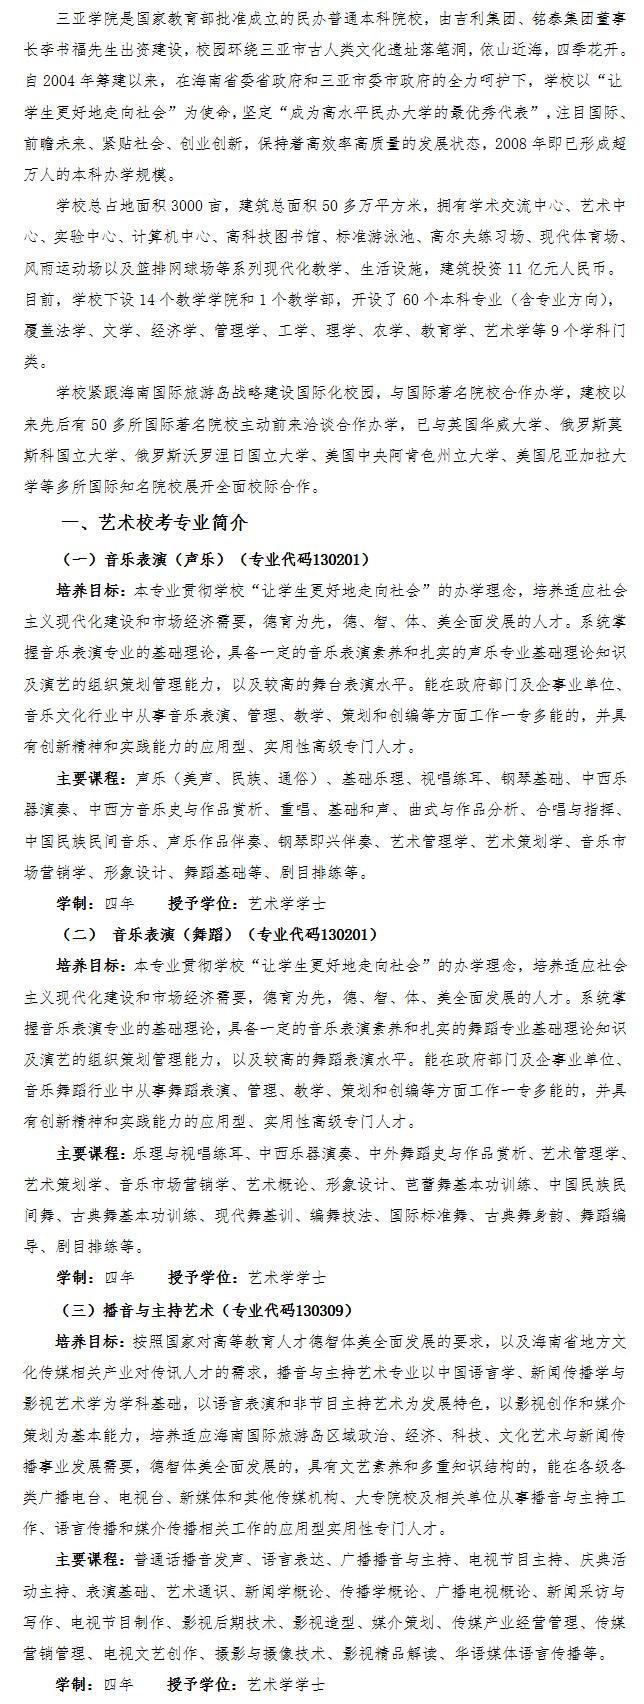 三亚学院2015年艺术专业校考招生简章